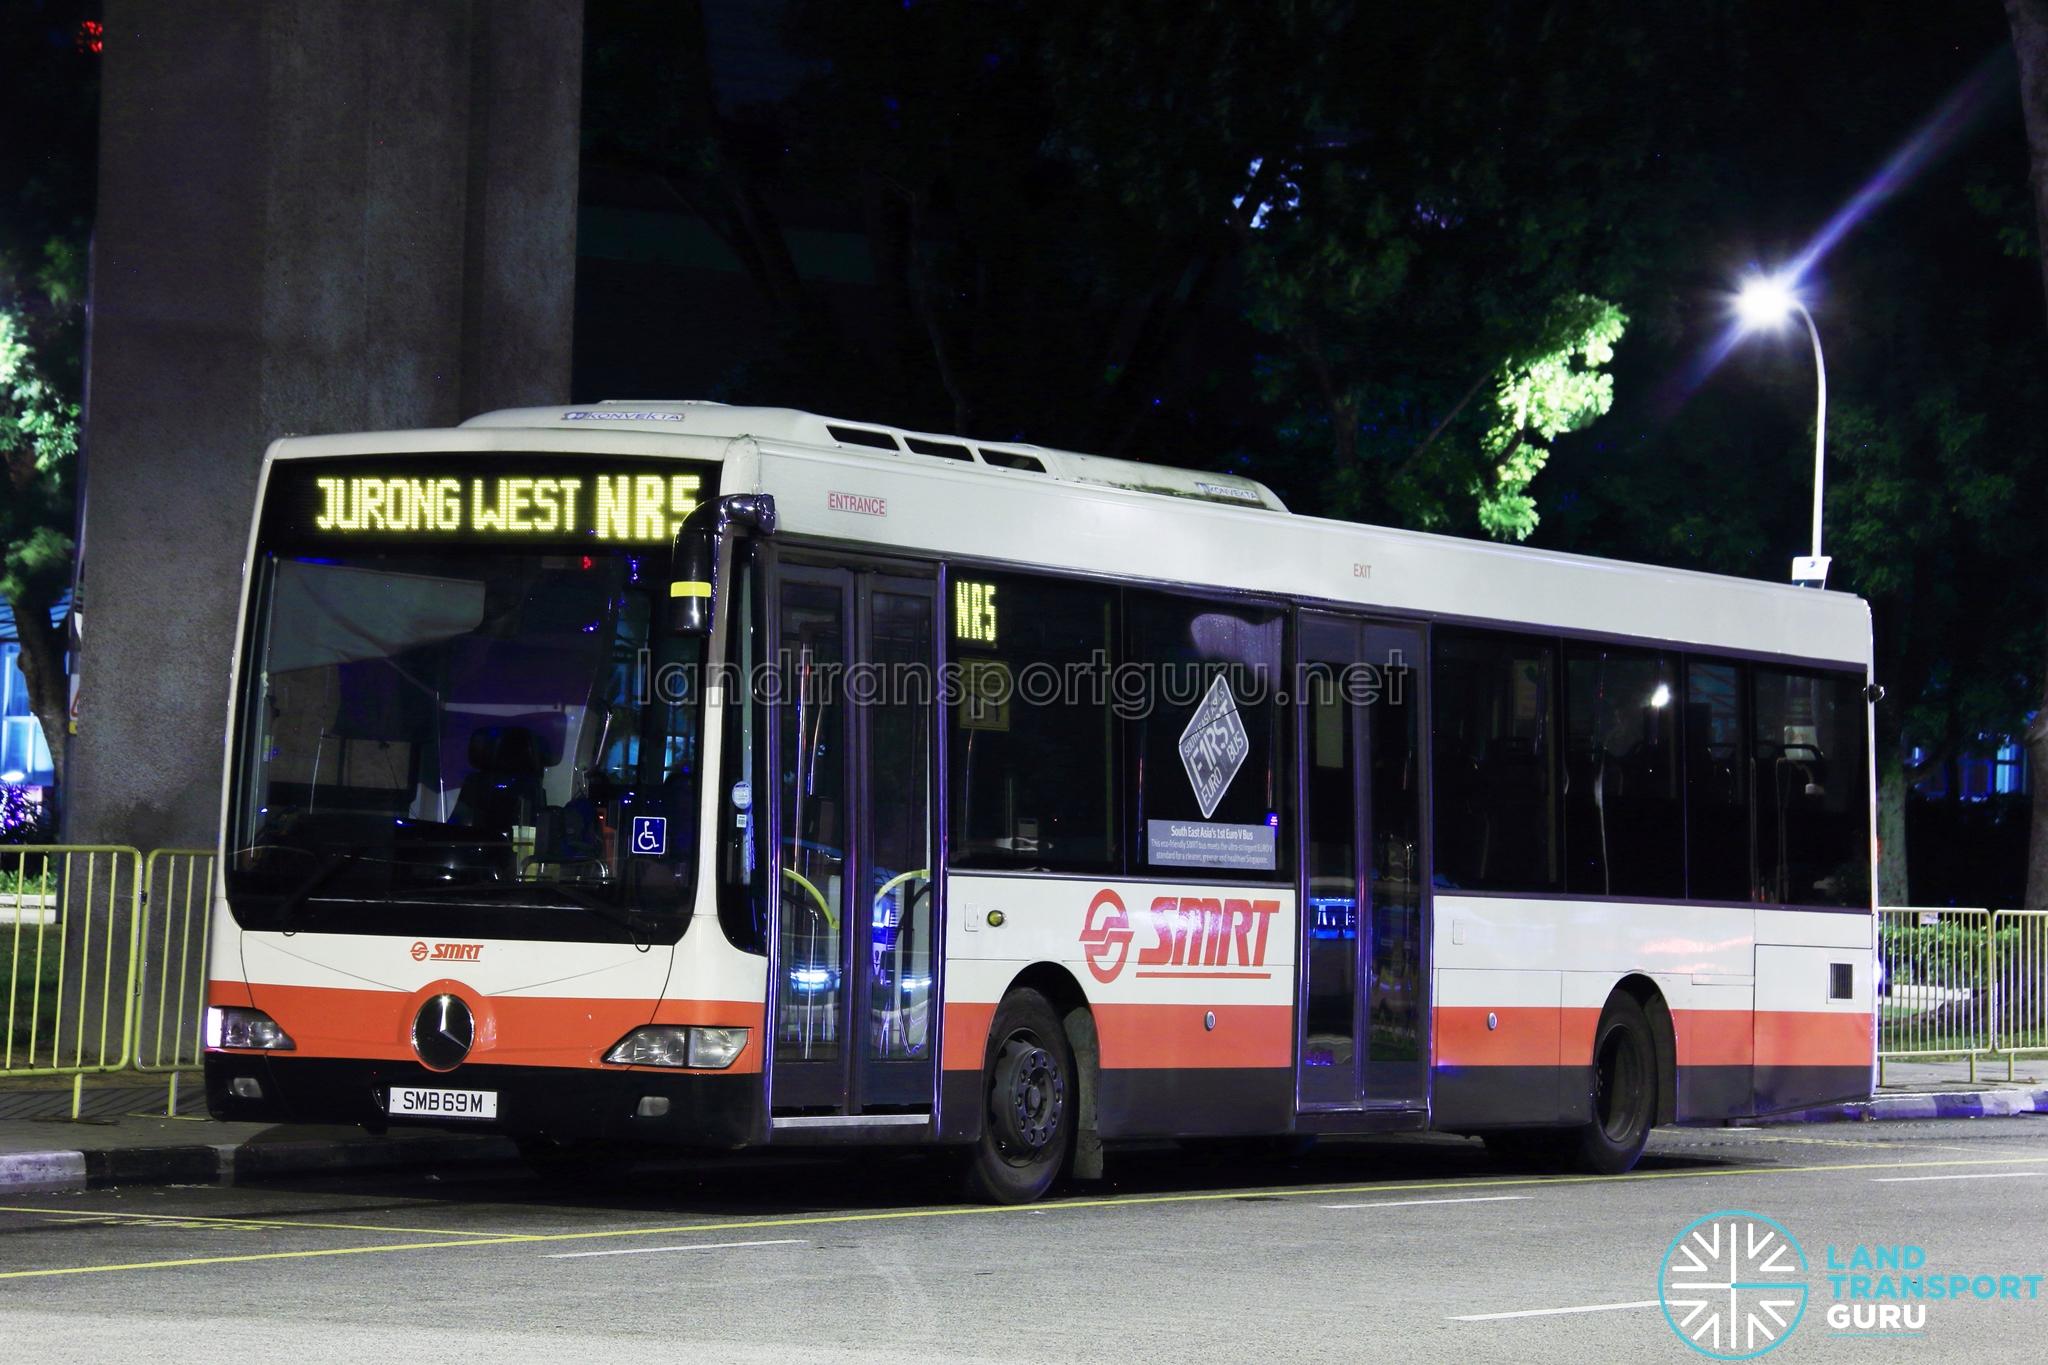 late night bus 100120.jpg